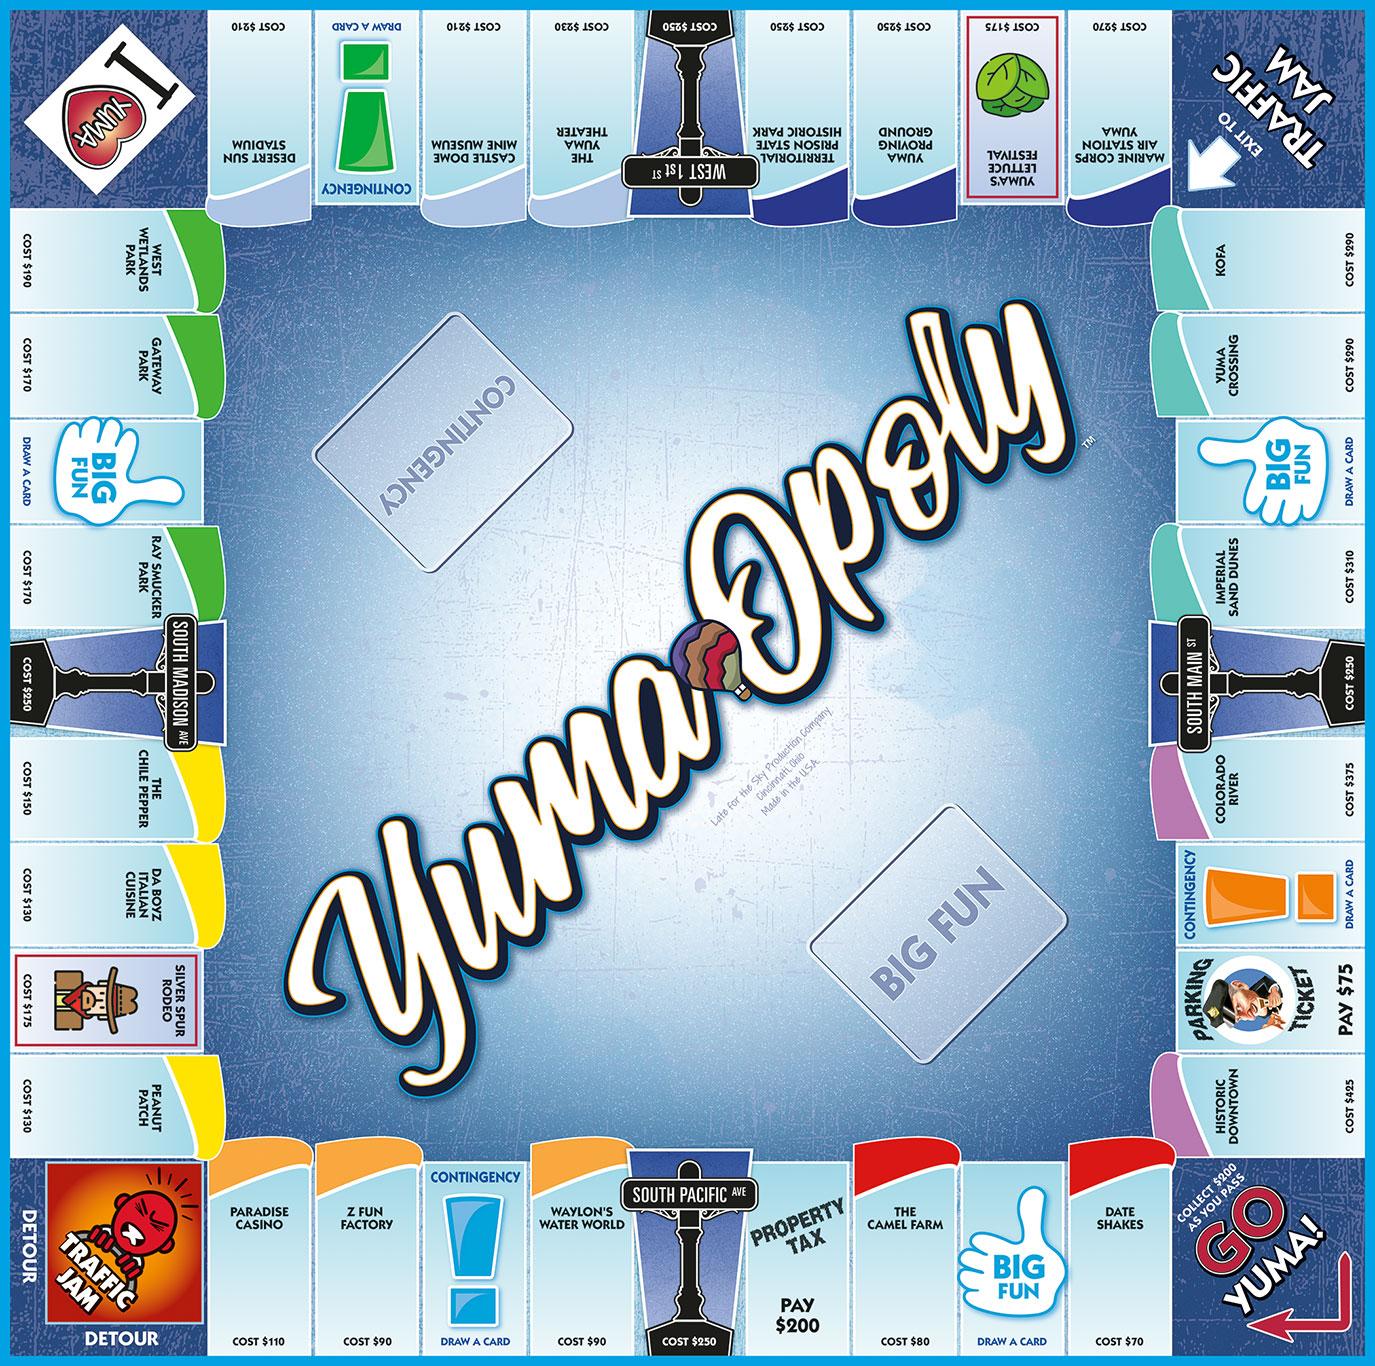 YUMA-OPOLY Board Game